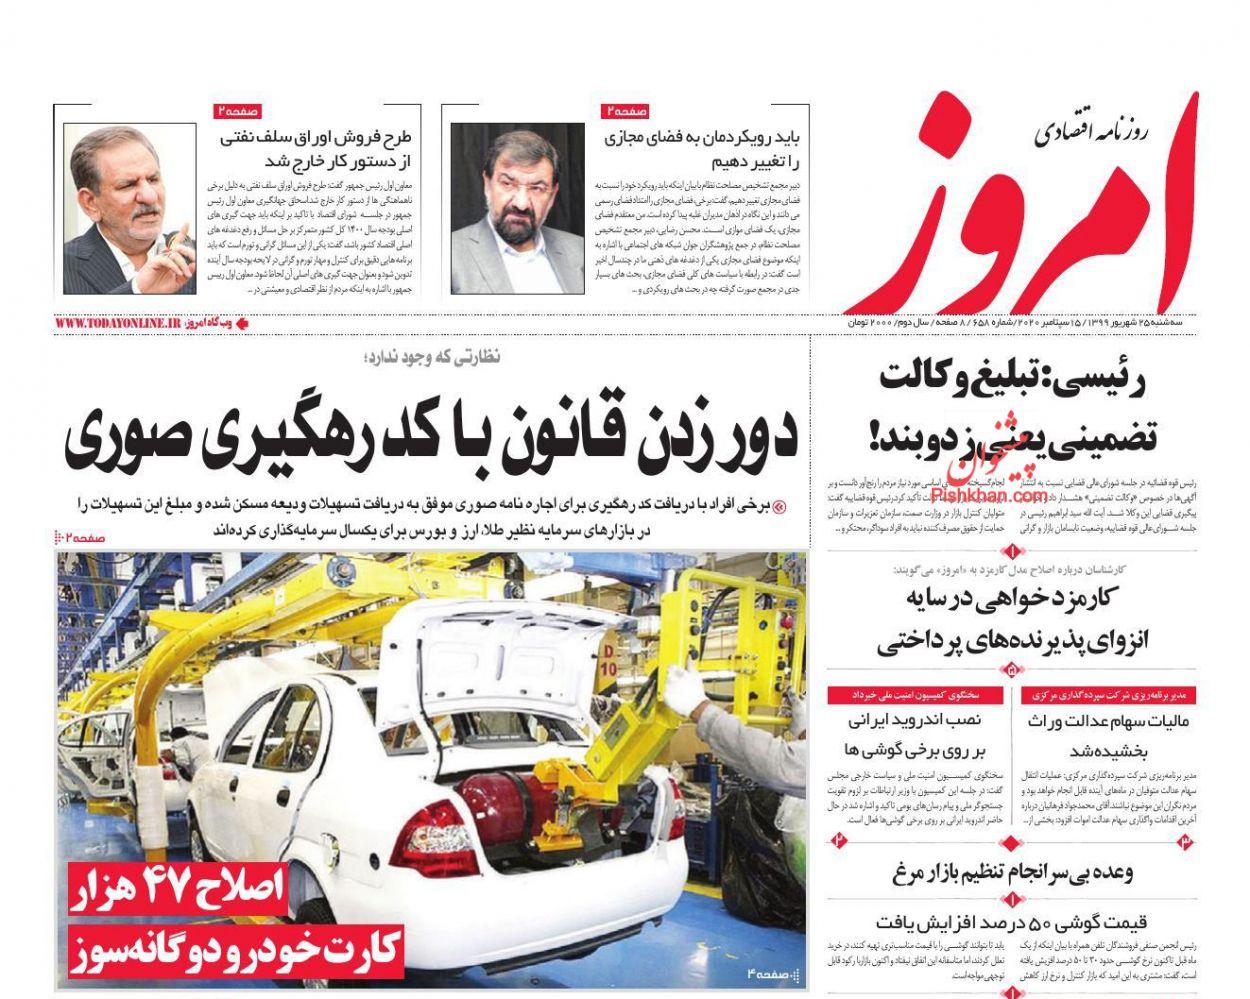 عناوین اخبار روزنامه امروز در روز سهشنبه ۲۵ شهریور